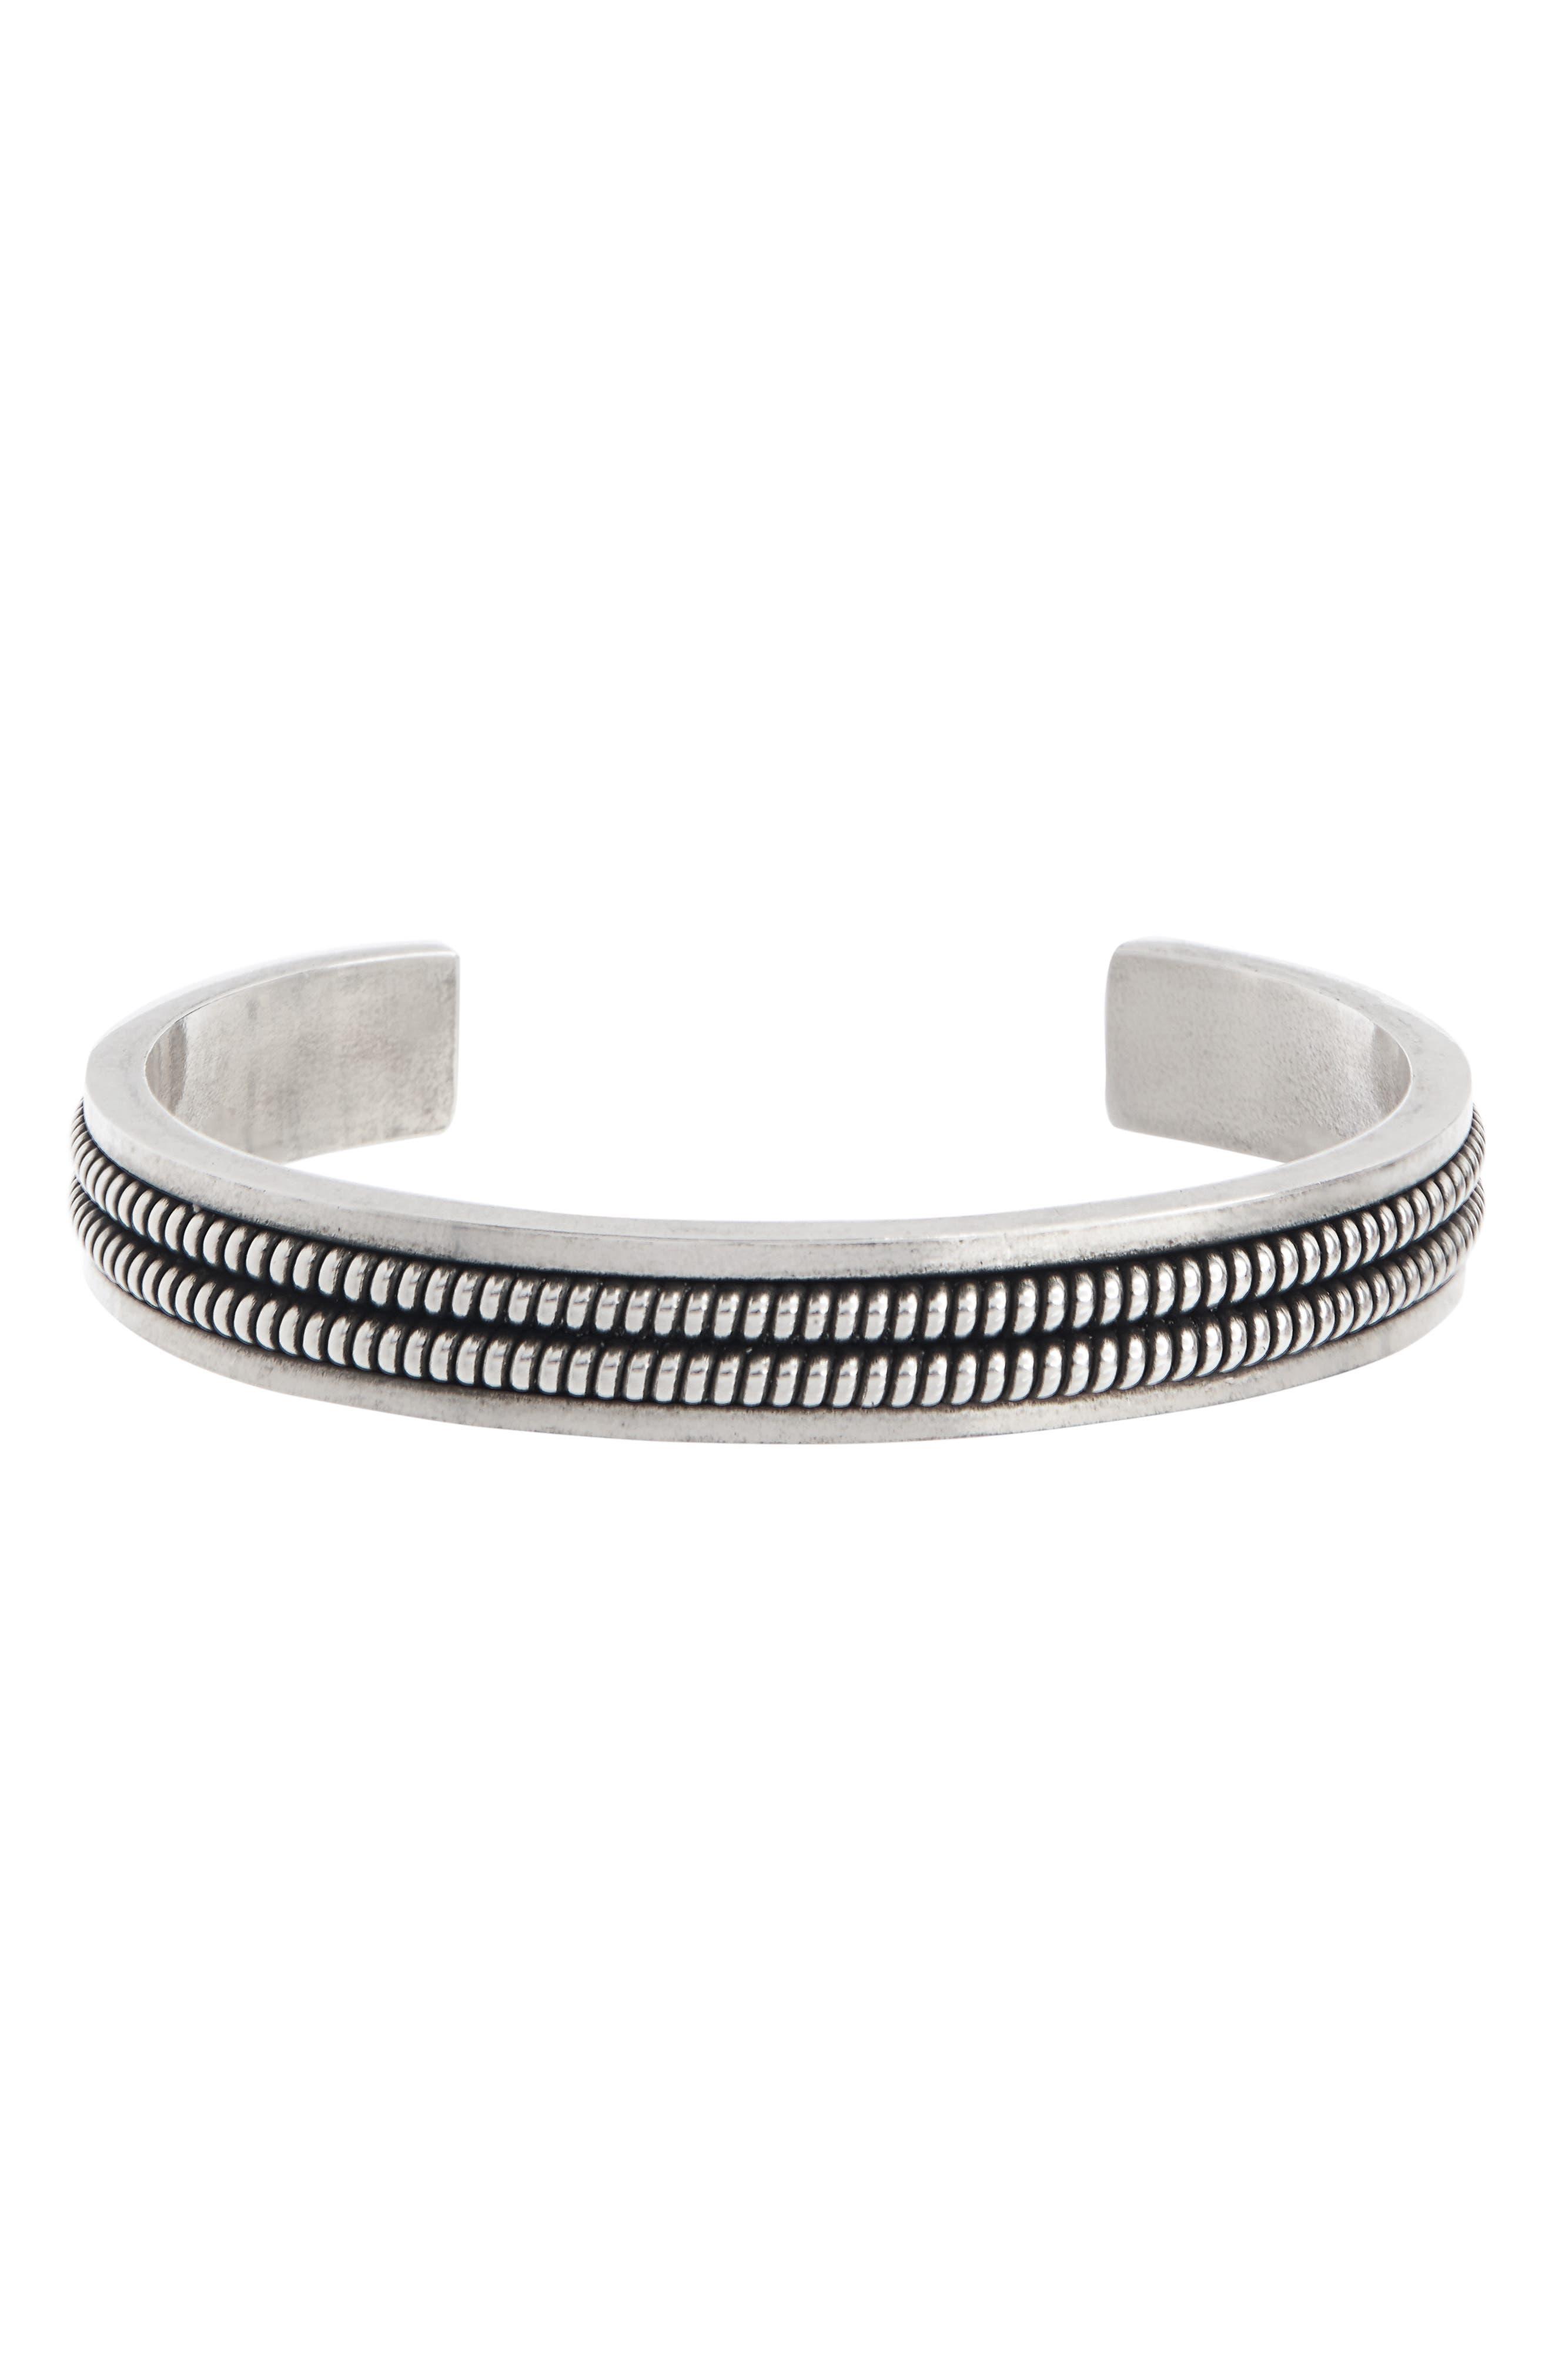 SAINT LAURENT,                             2 Lignes Cuff Bracelet,                             Main thumbnail 1, color,                             SILVER